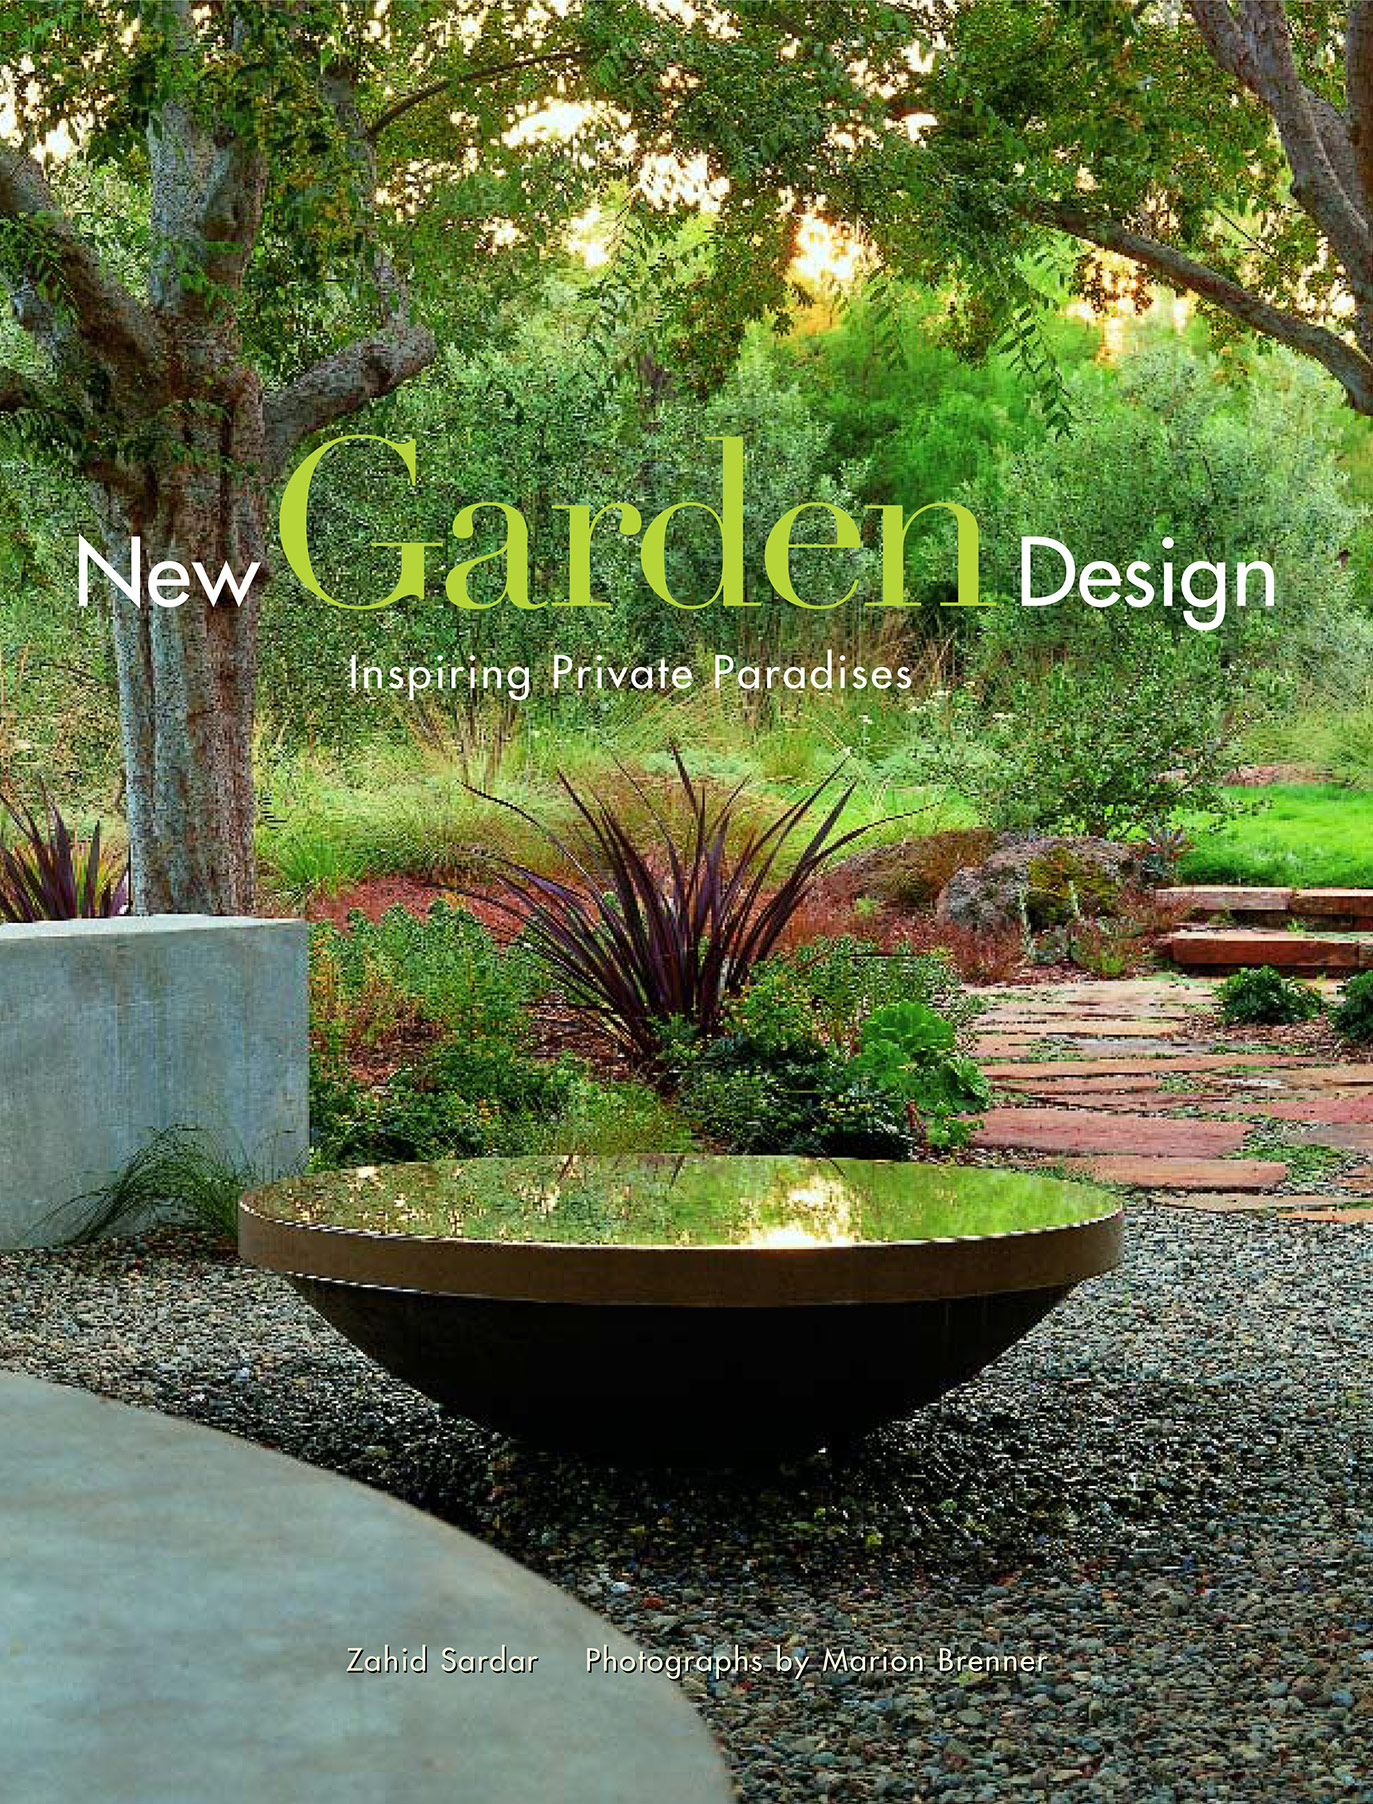 rosemary alexander the essential garden design workbook pdf